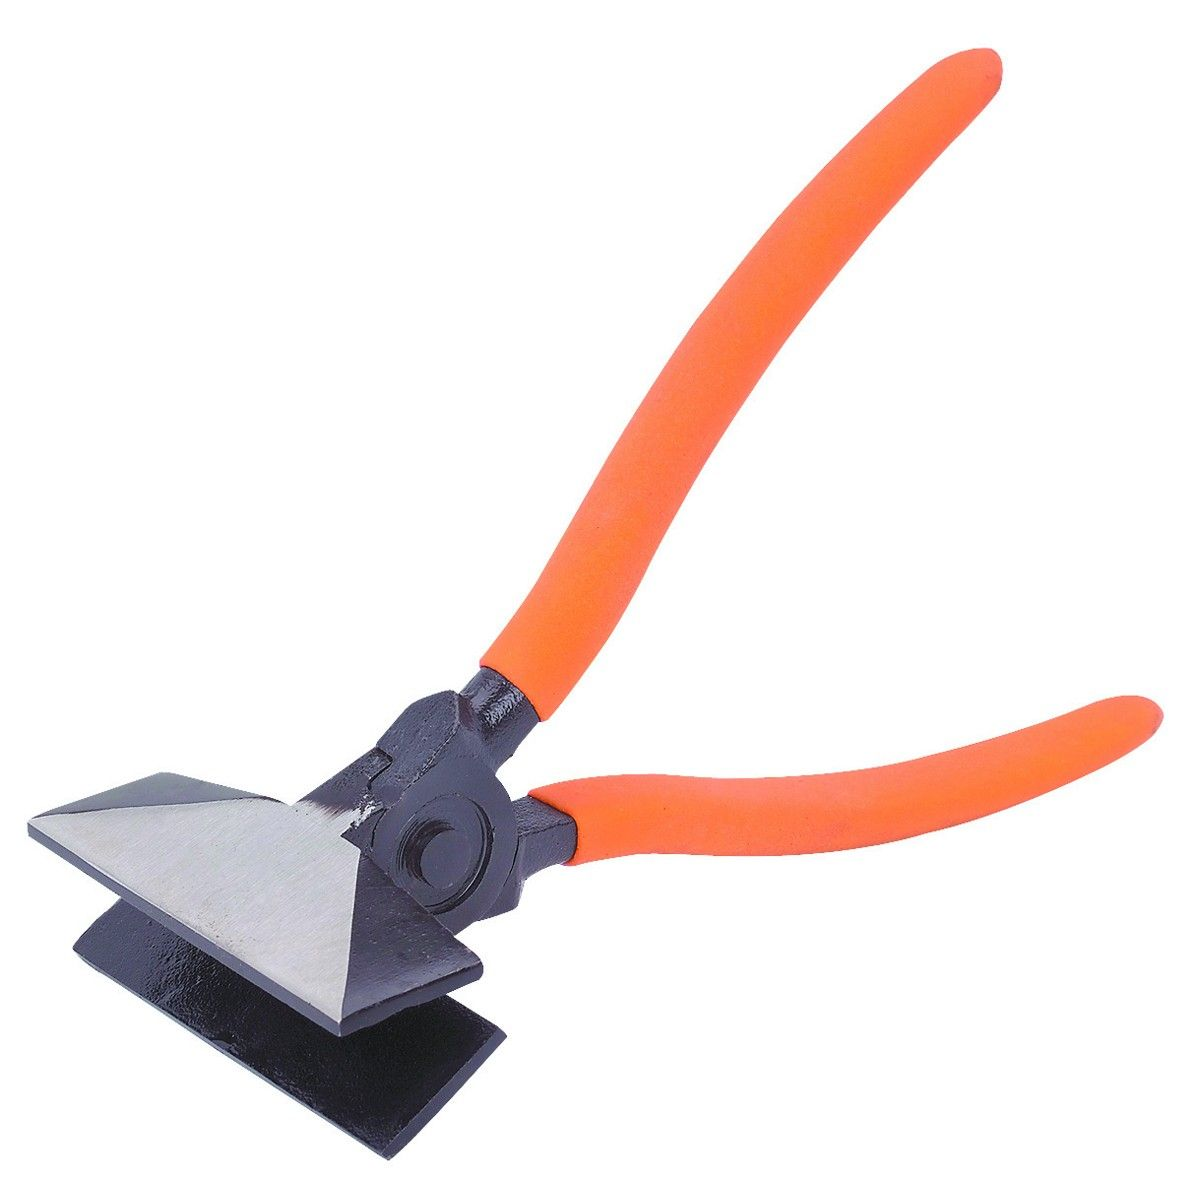 """*8/"""" Flat Jaw Welding Pliers for Hassle-Free Sheet Metal Bending Folding Pliers*"""